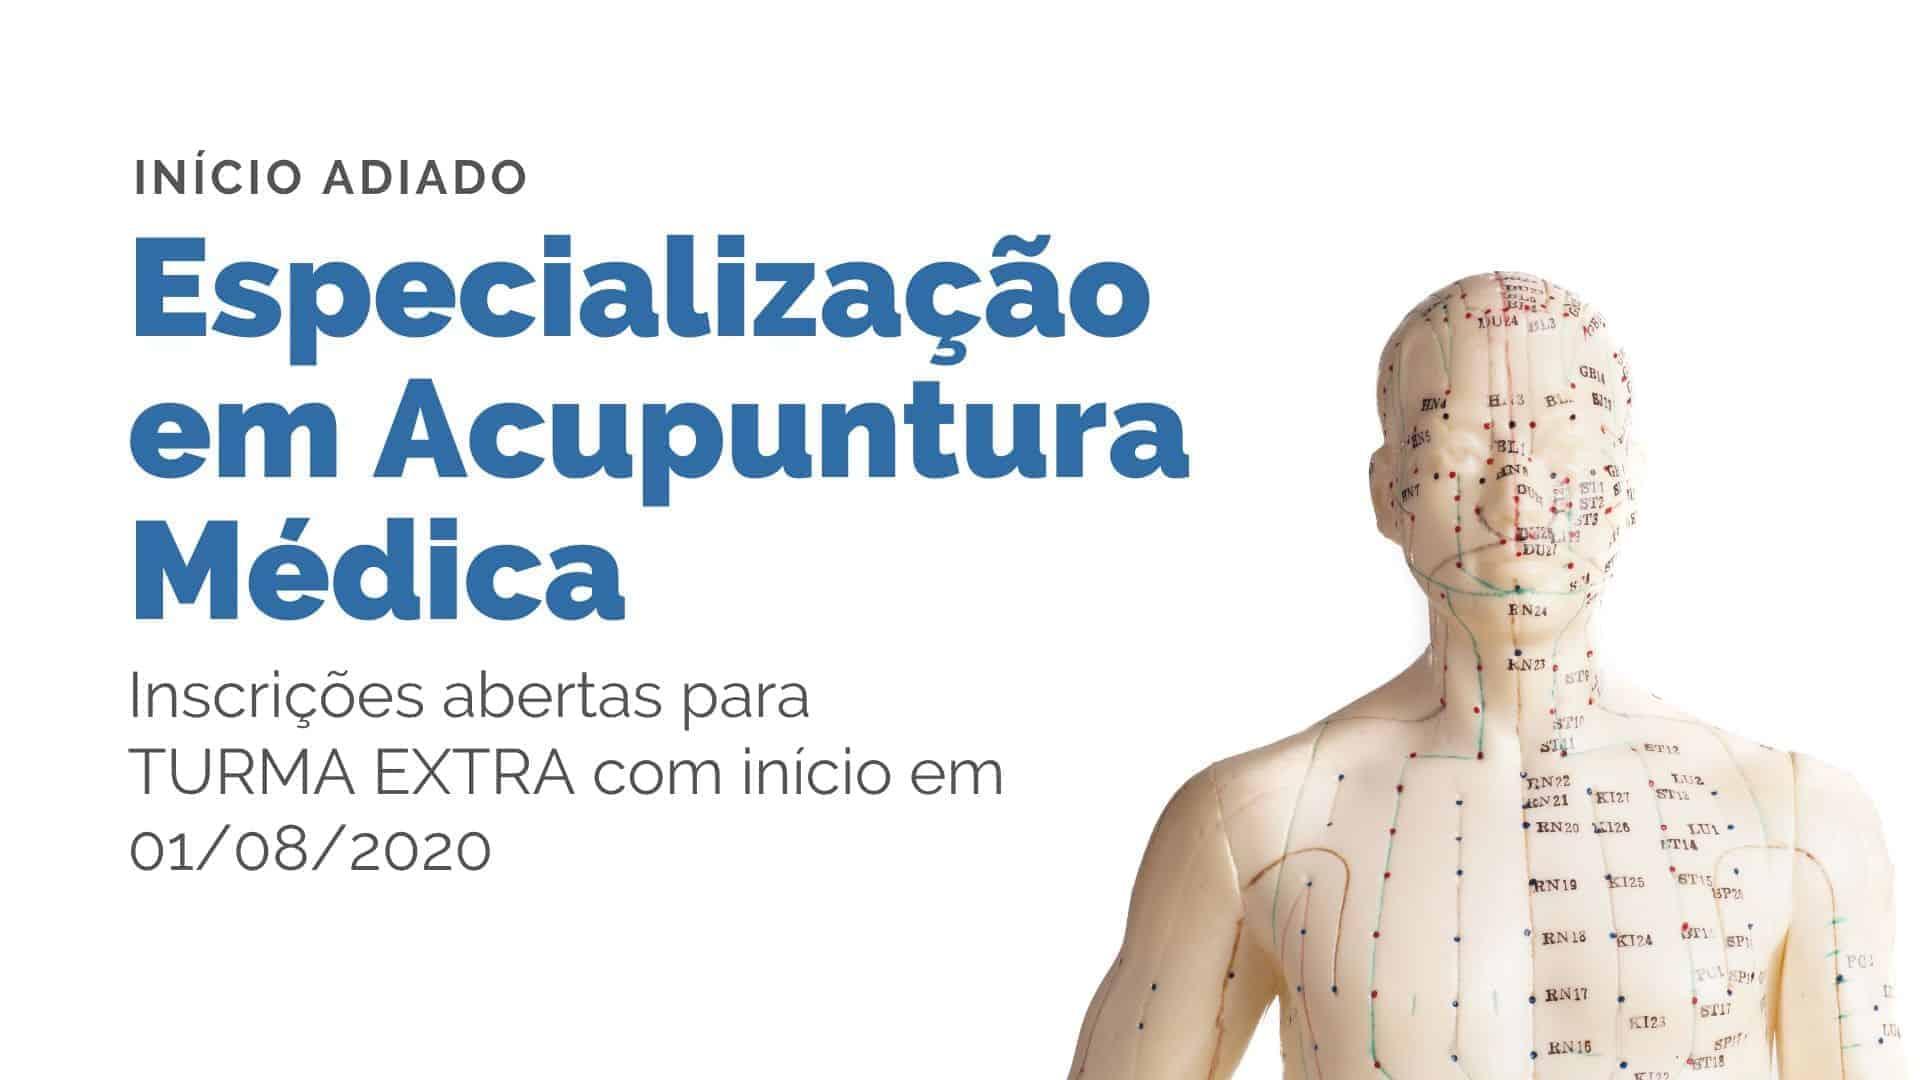 CEIMEC TURMA 52 2020 ACUPUNTURA